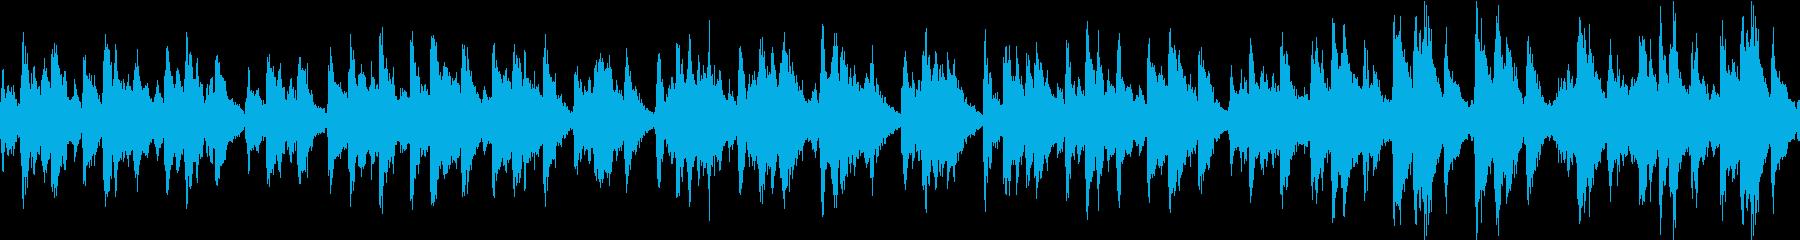 ピチカートチェロ、ビブラフォン、フ...の再生済みの波形